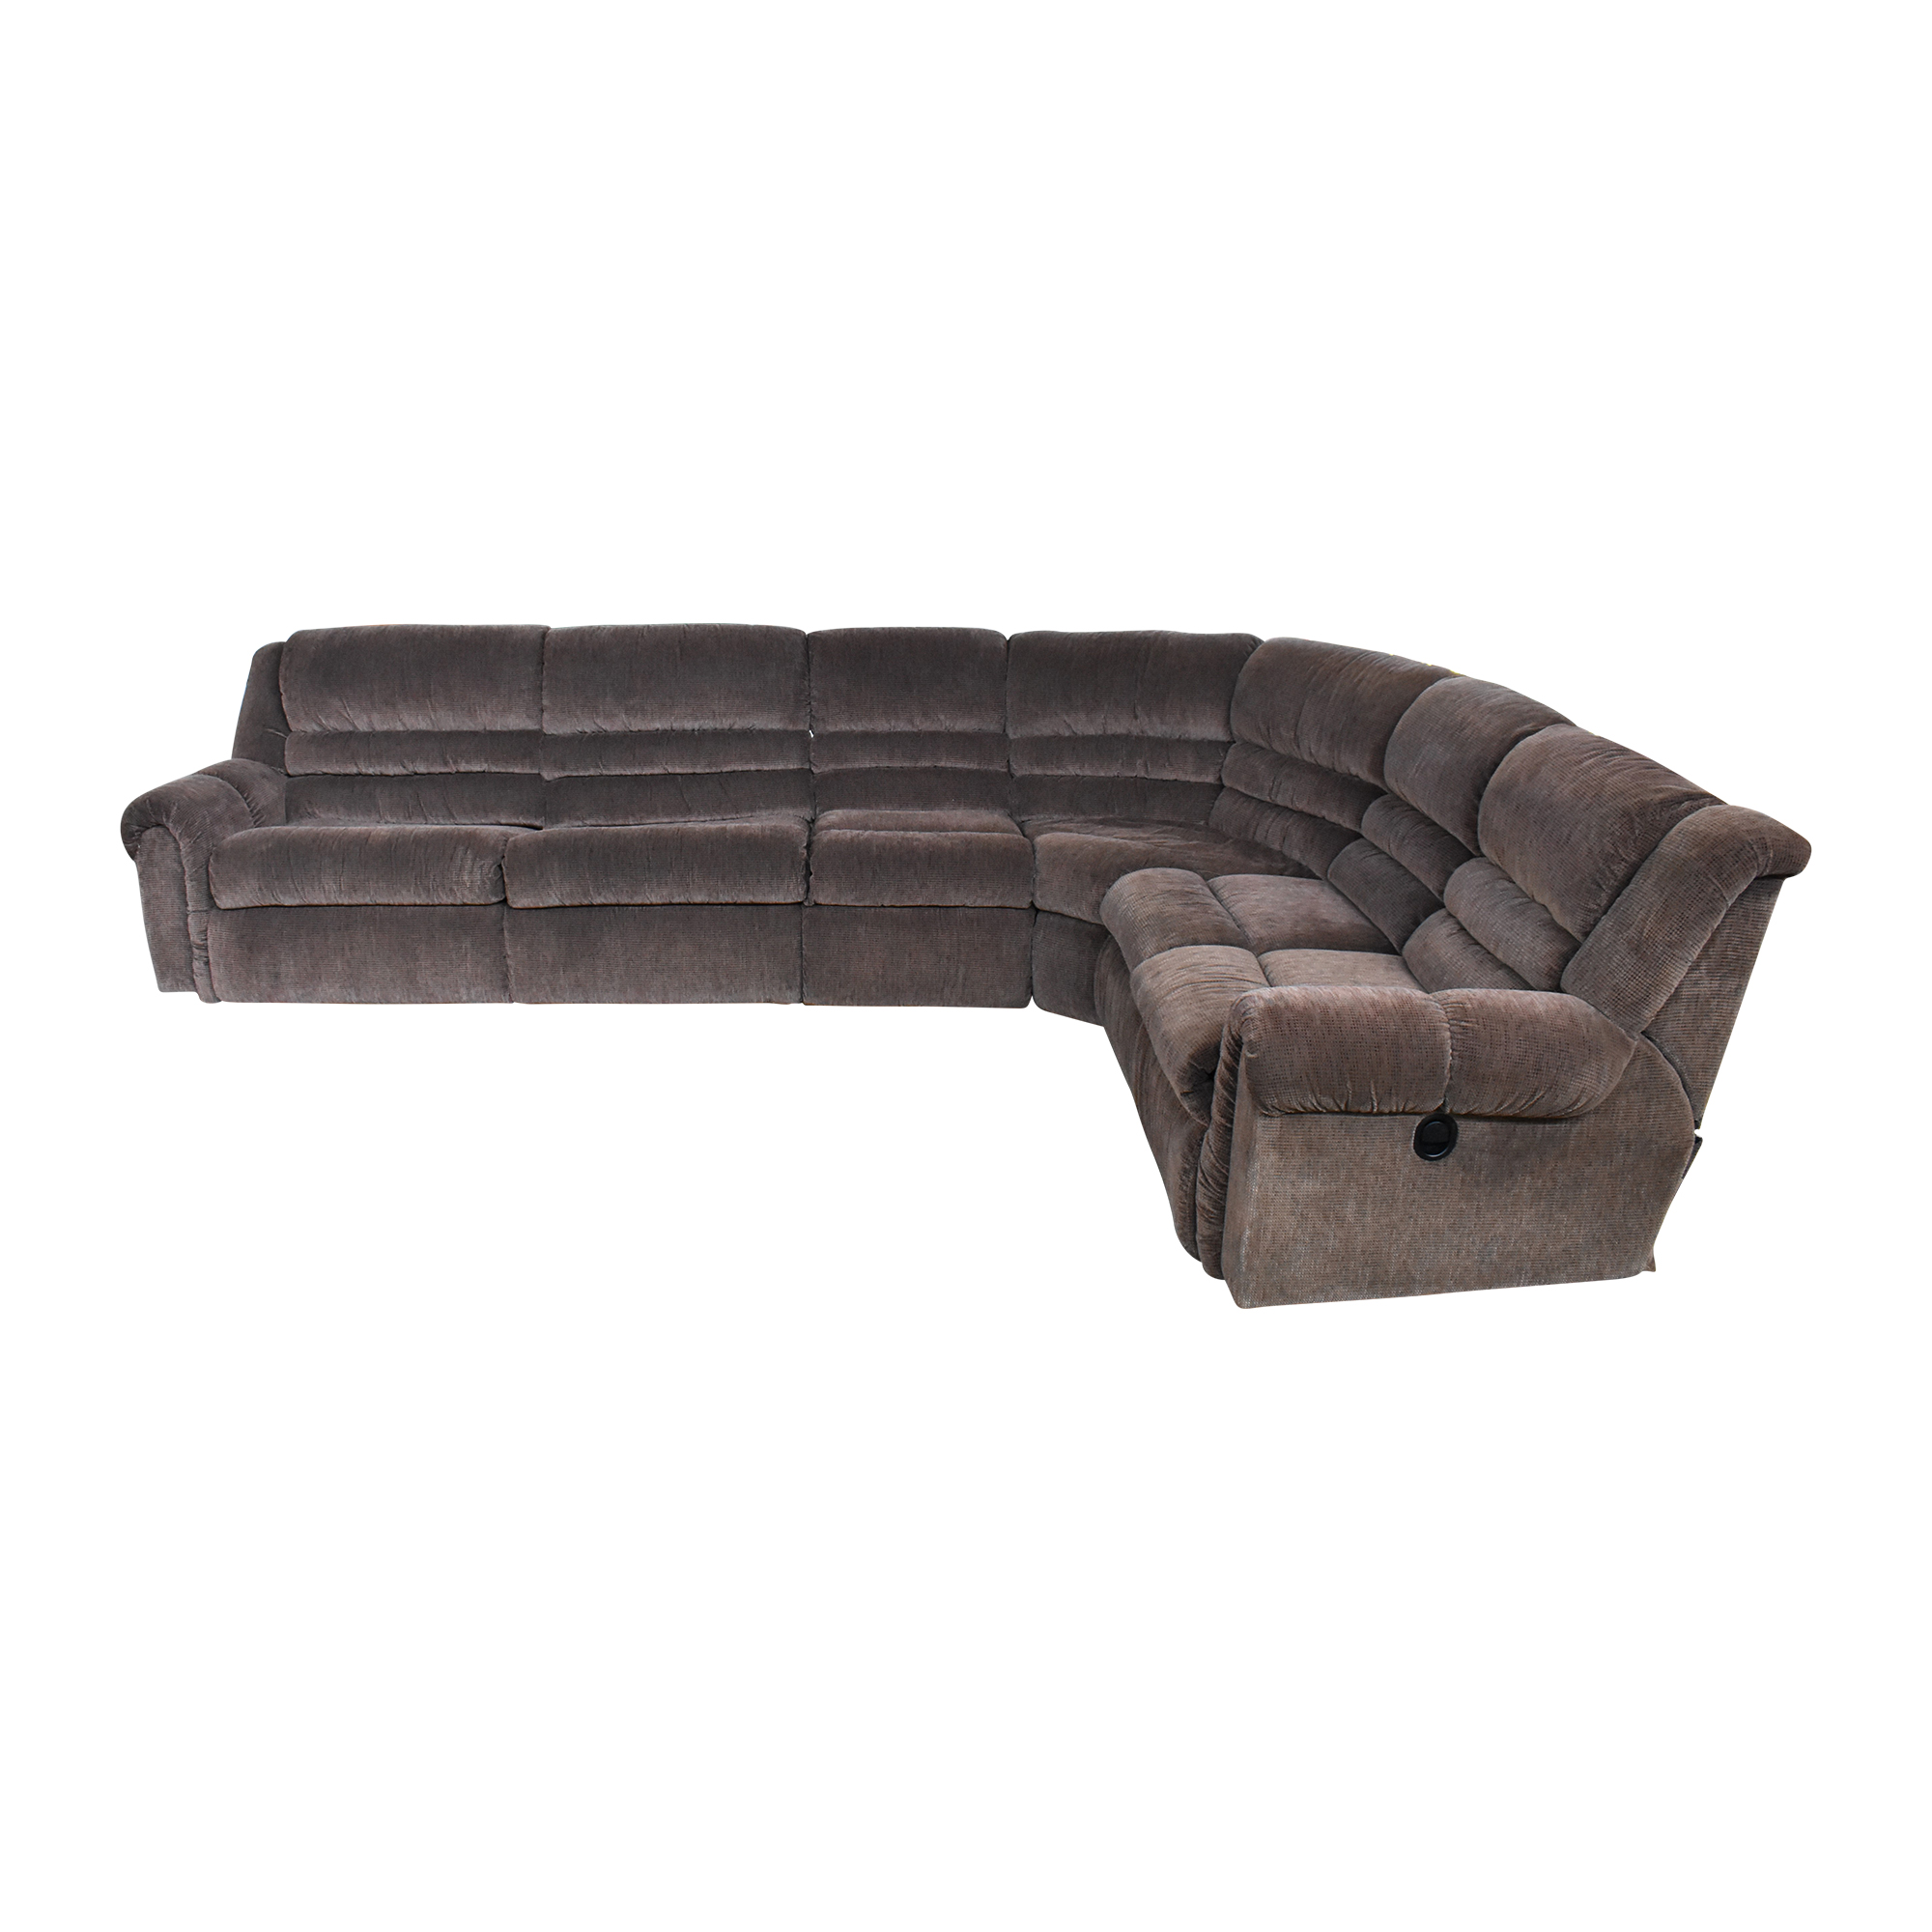 La-Z-Boy La-Z-Boy Sleeper Sectional Sofa with Recliners